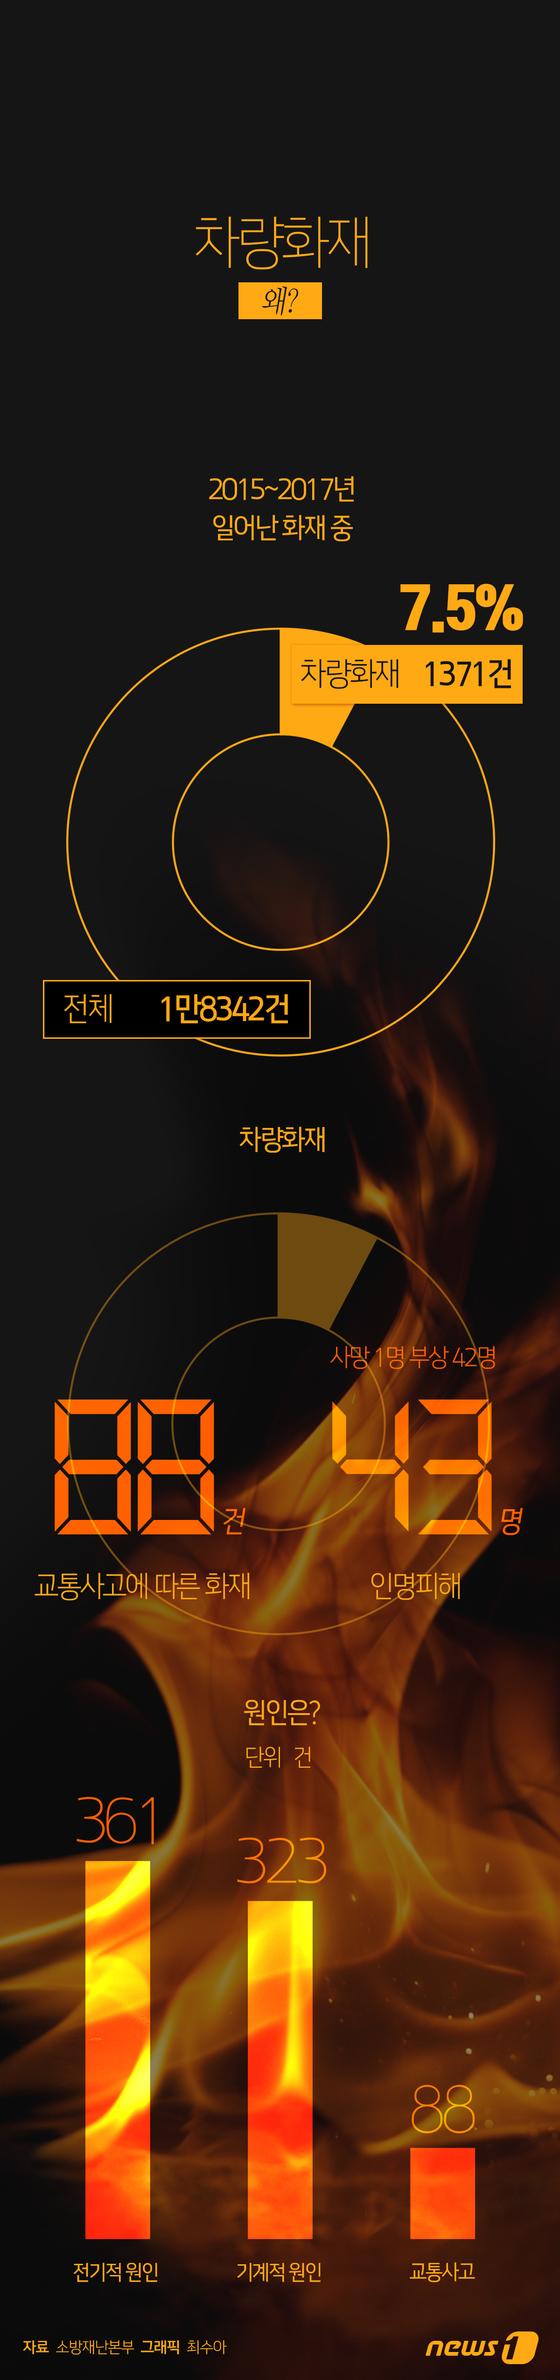 [그래픽뉴스] 최근 3년 차량화재 1371건…어떤 이유